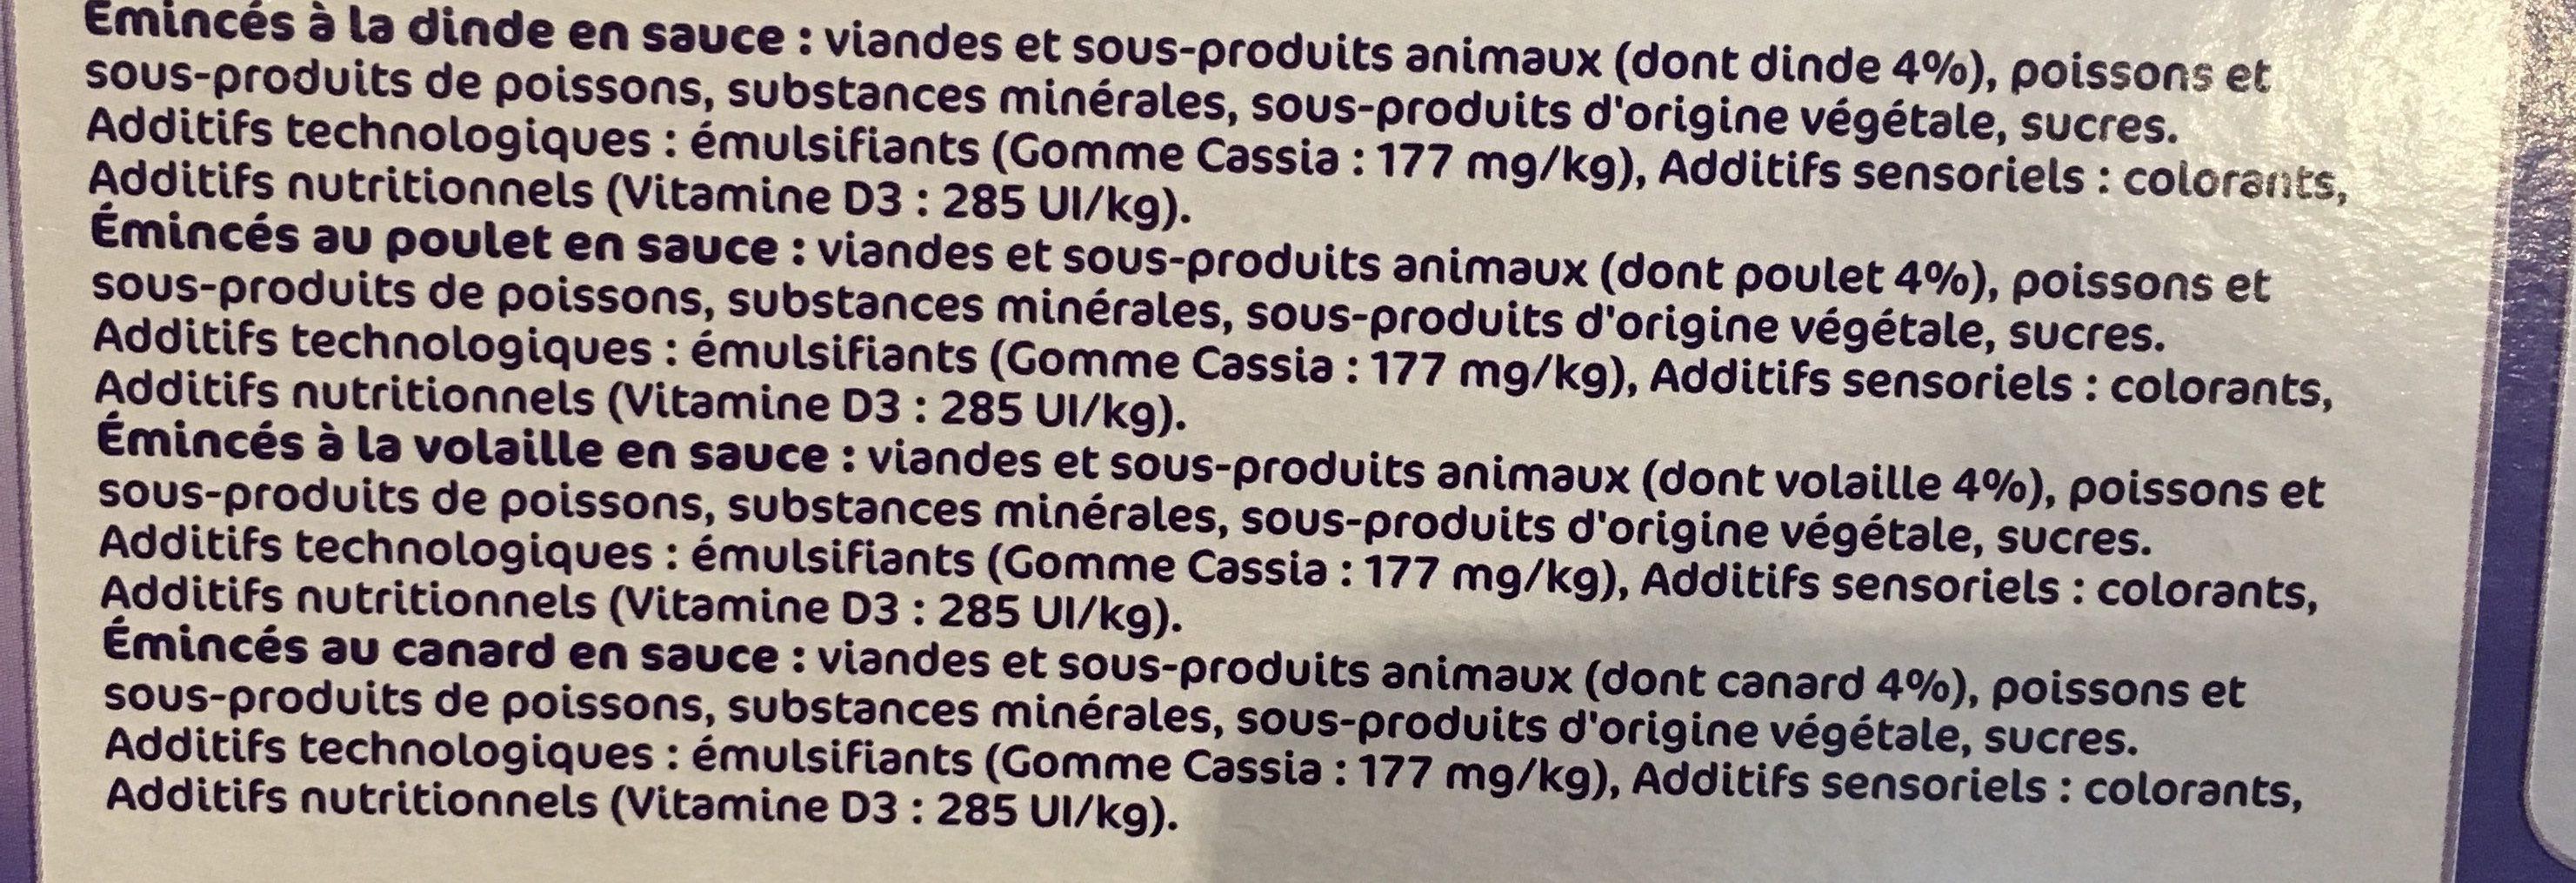 Les menus gourmands - Ingredients - fr